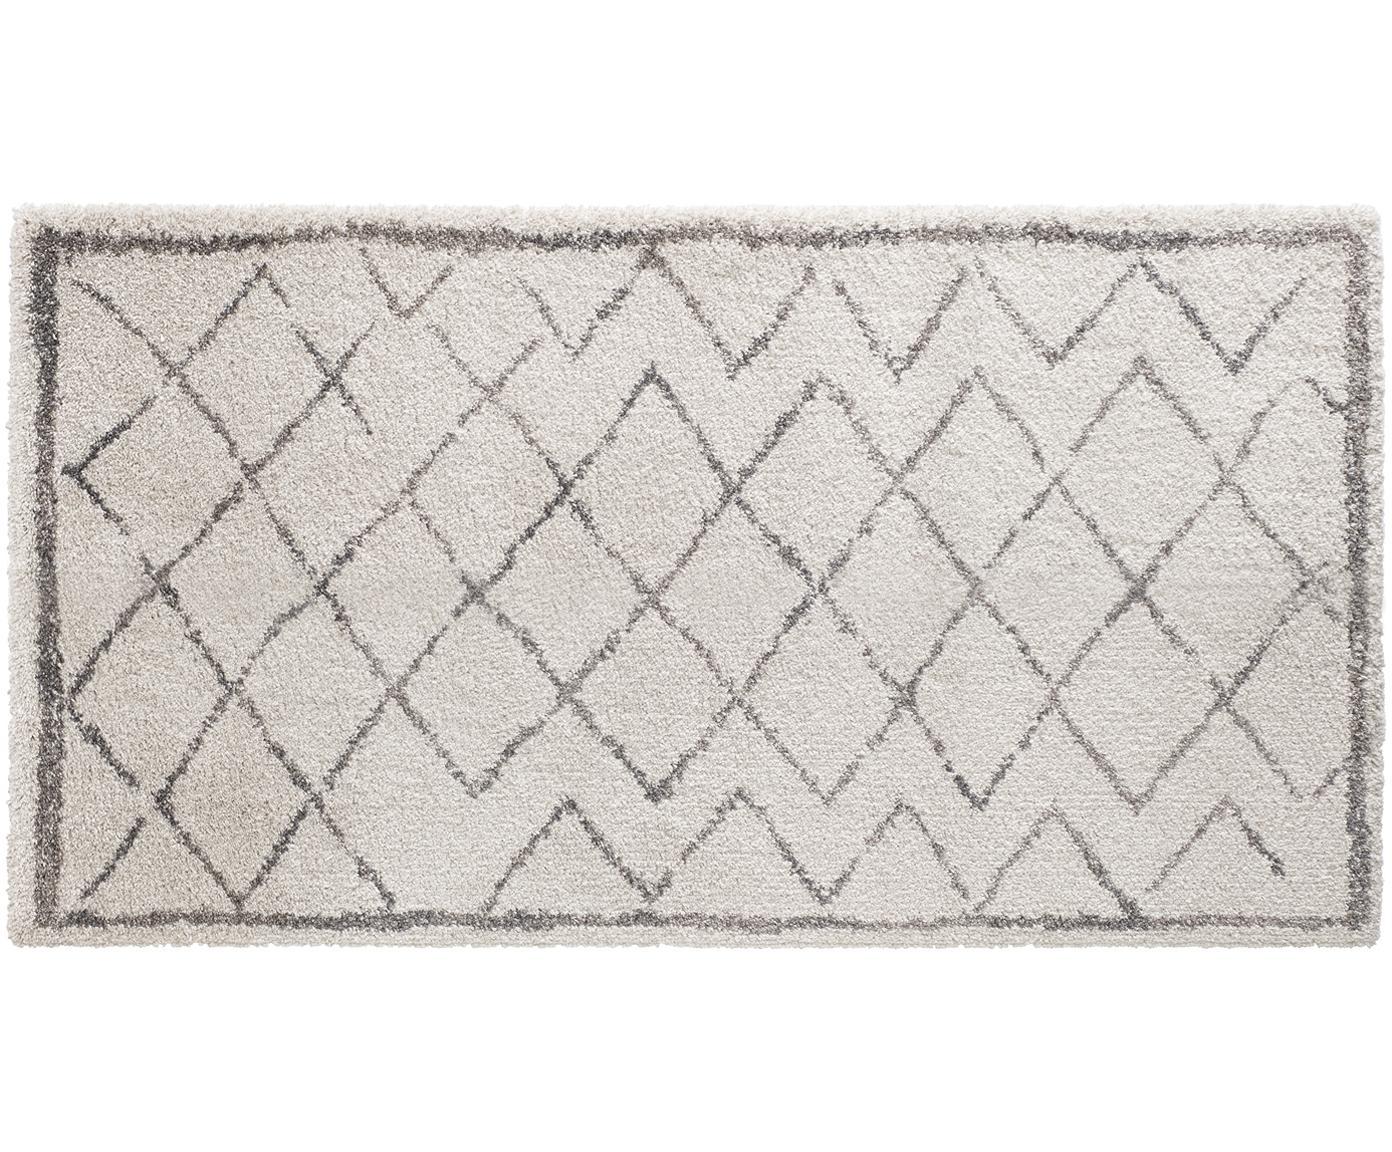 Hochflor-Teppich Grace Diamond mit Rautenmuster, Grau/Creme, Flor: 100% Polypropylen, Creme, Grau, B 80 x L 150 cm (Größe XS)